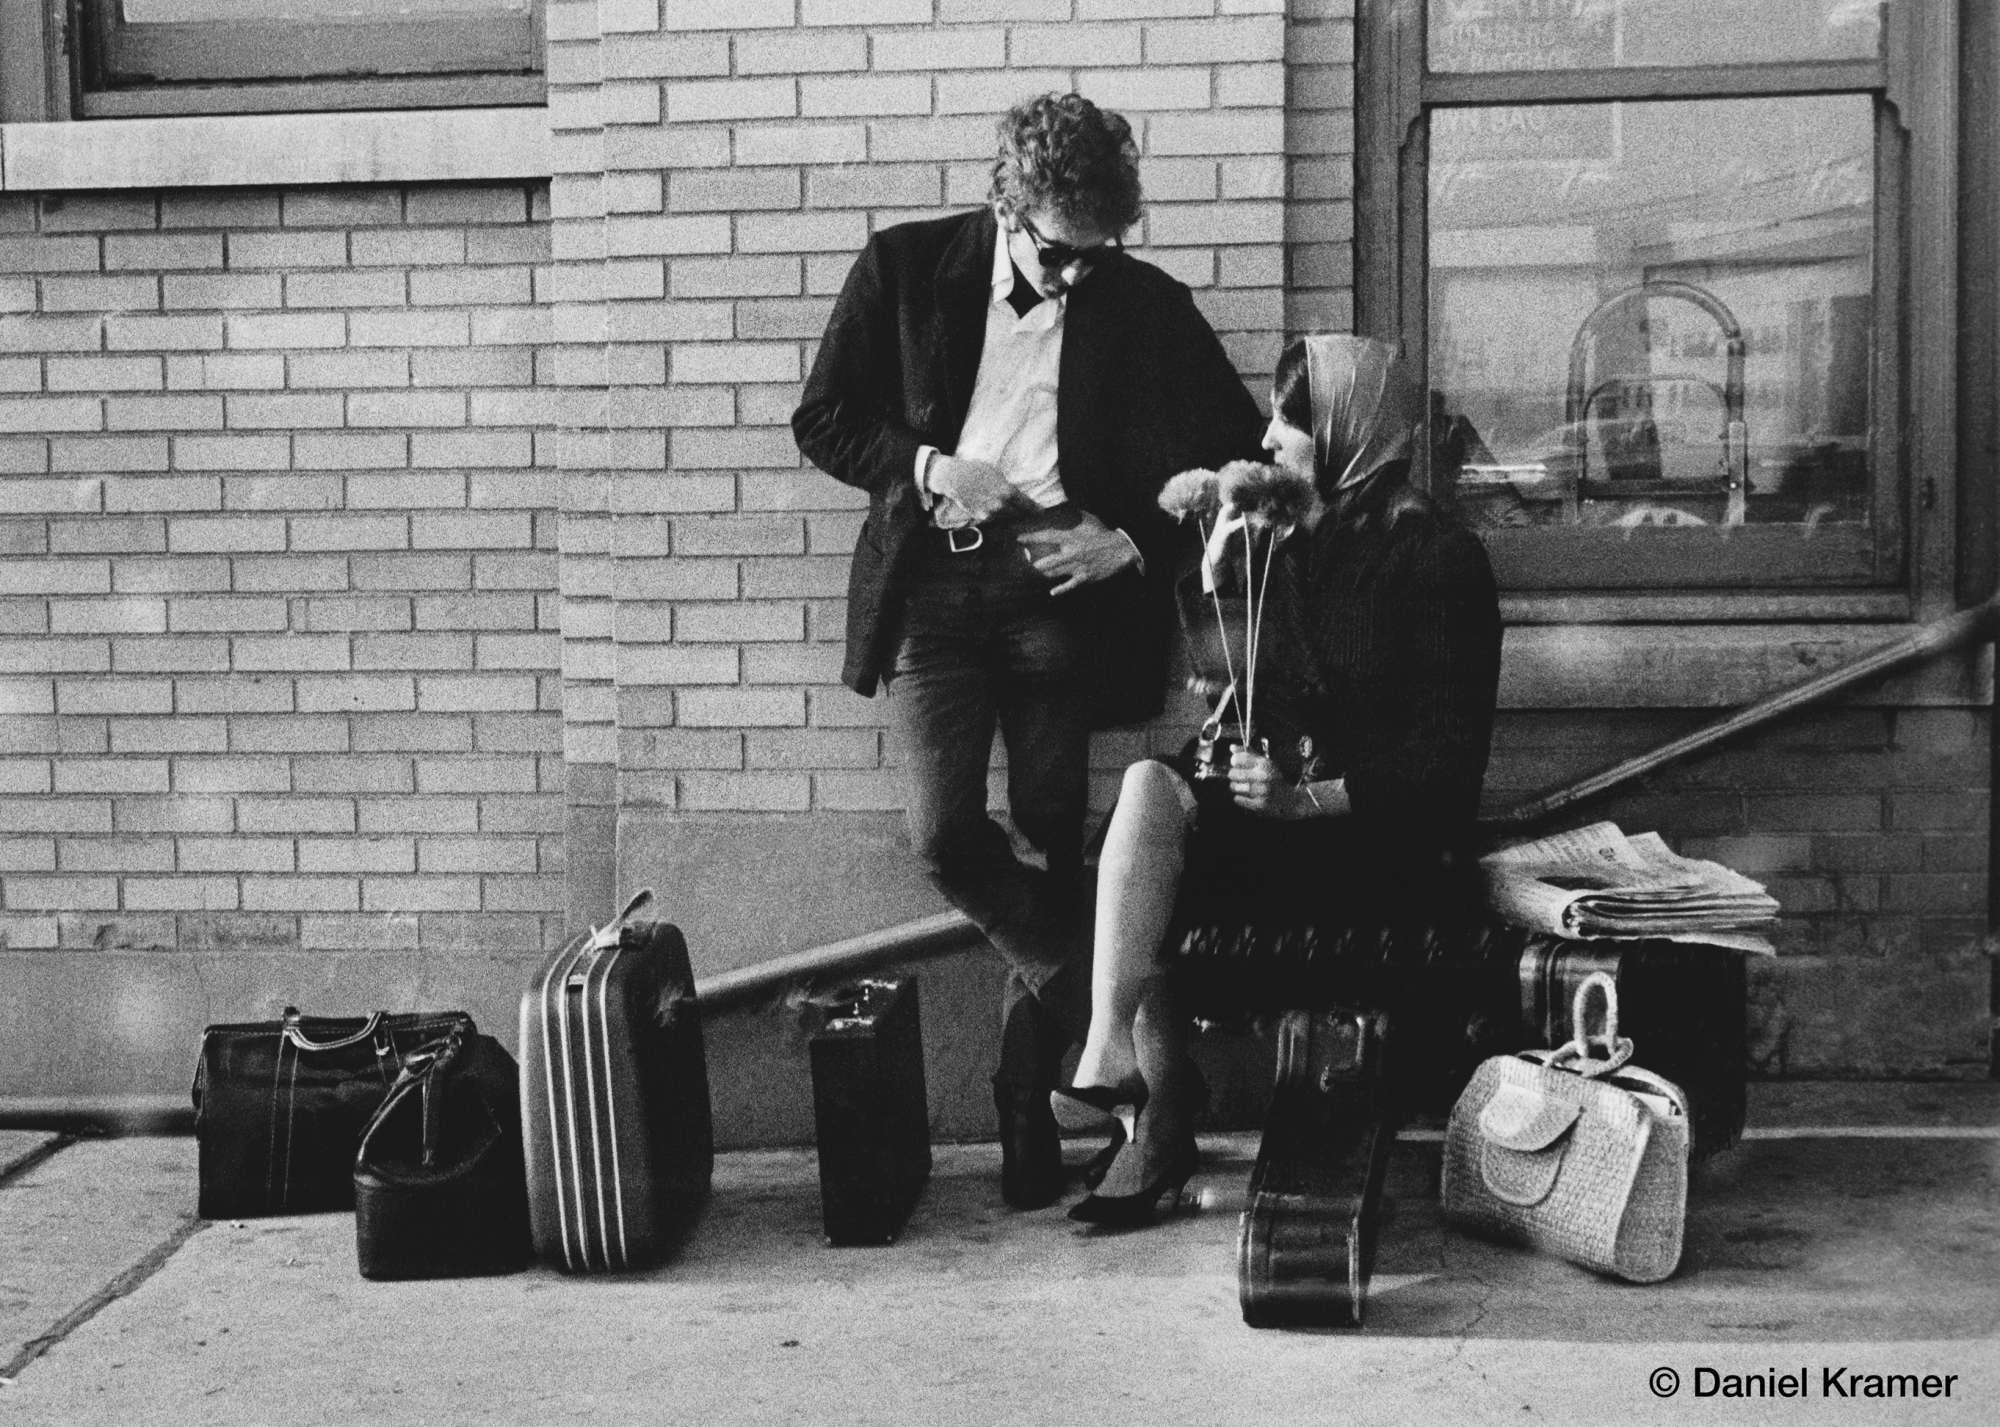 Στο δρόμο προς Μπάφαλο από Νέα Υόρκη μαζί με την Τζόαν Μπαέζ, τον Νοέμβριο του 1964. Ο Κρέιμερ είχε την ευκαιρία να τους απαθανατίζει πολύ συχνά μαζί, από τις κοινές τους εμφανίσεις μέχρι τις πιο χαλαρές, προσωπικές τους στιγμές, καθώς η Μπαέζ υπήρξε σημαντικός συνεργάτης του Ντίλαν, από το ξεκίνημα της καριέρας του